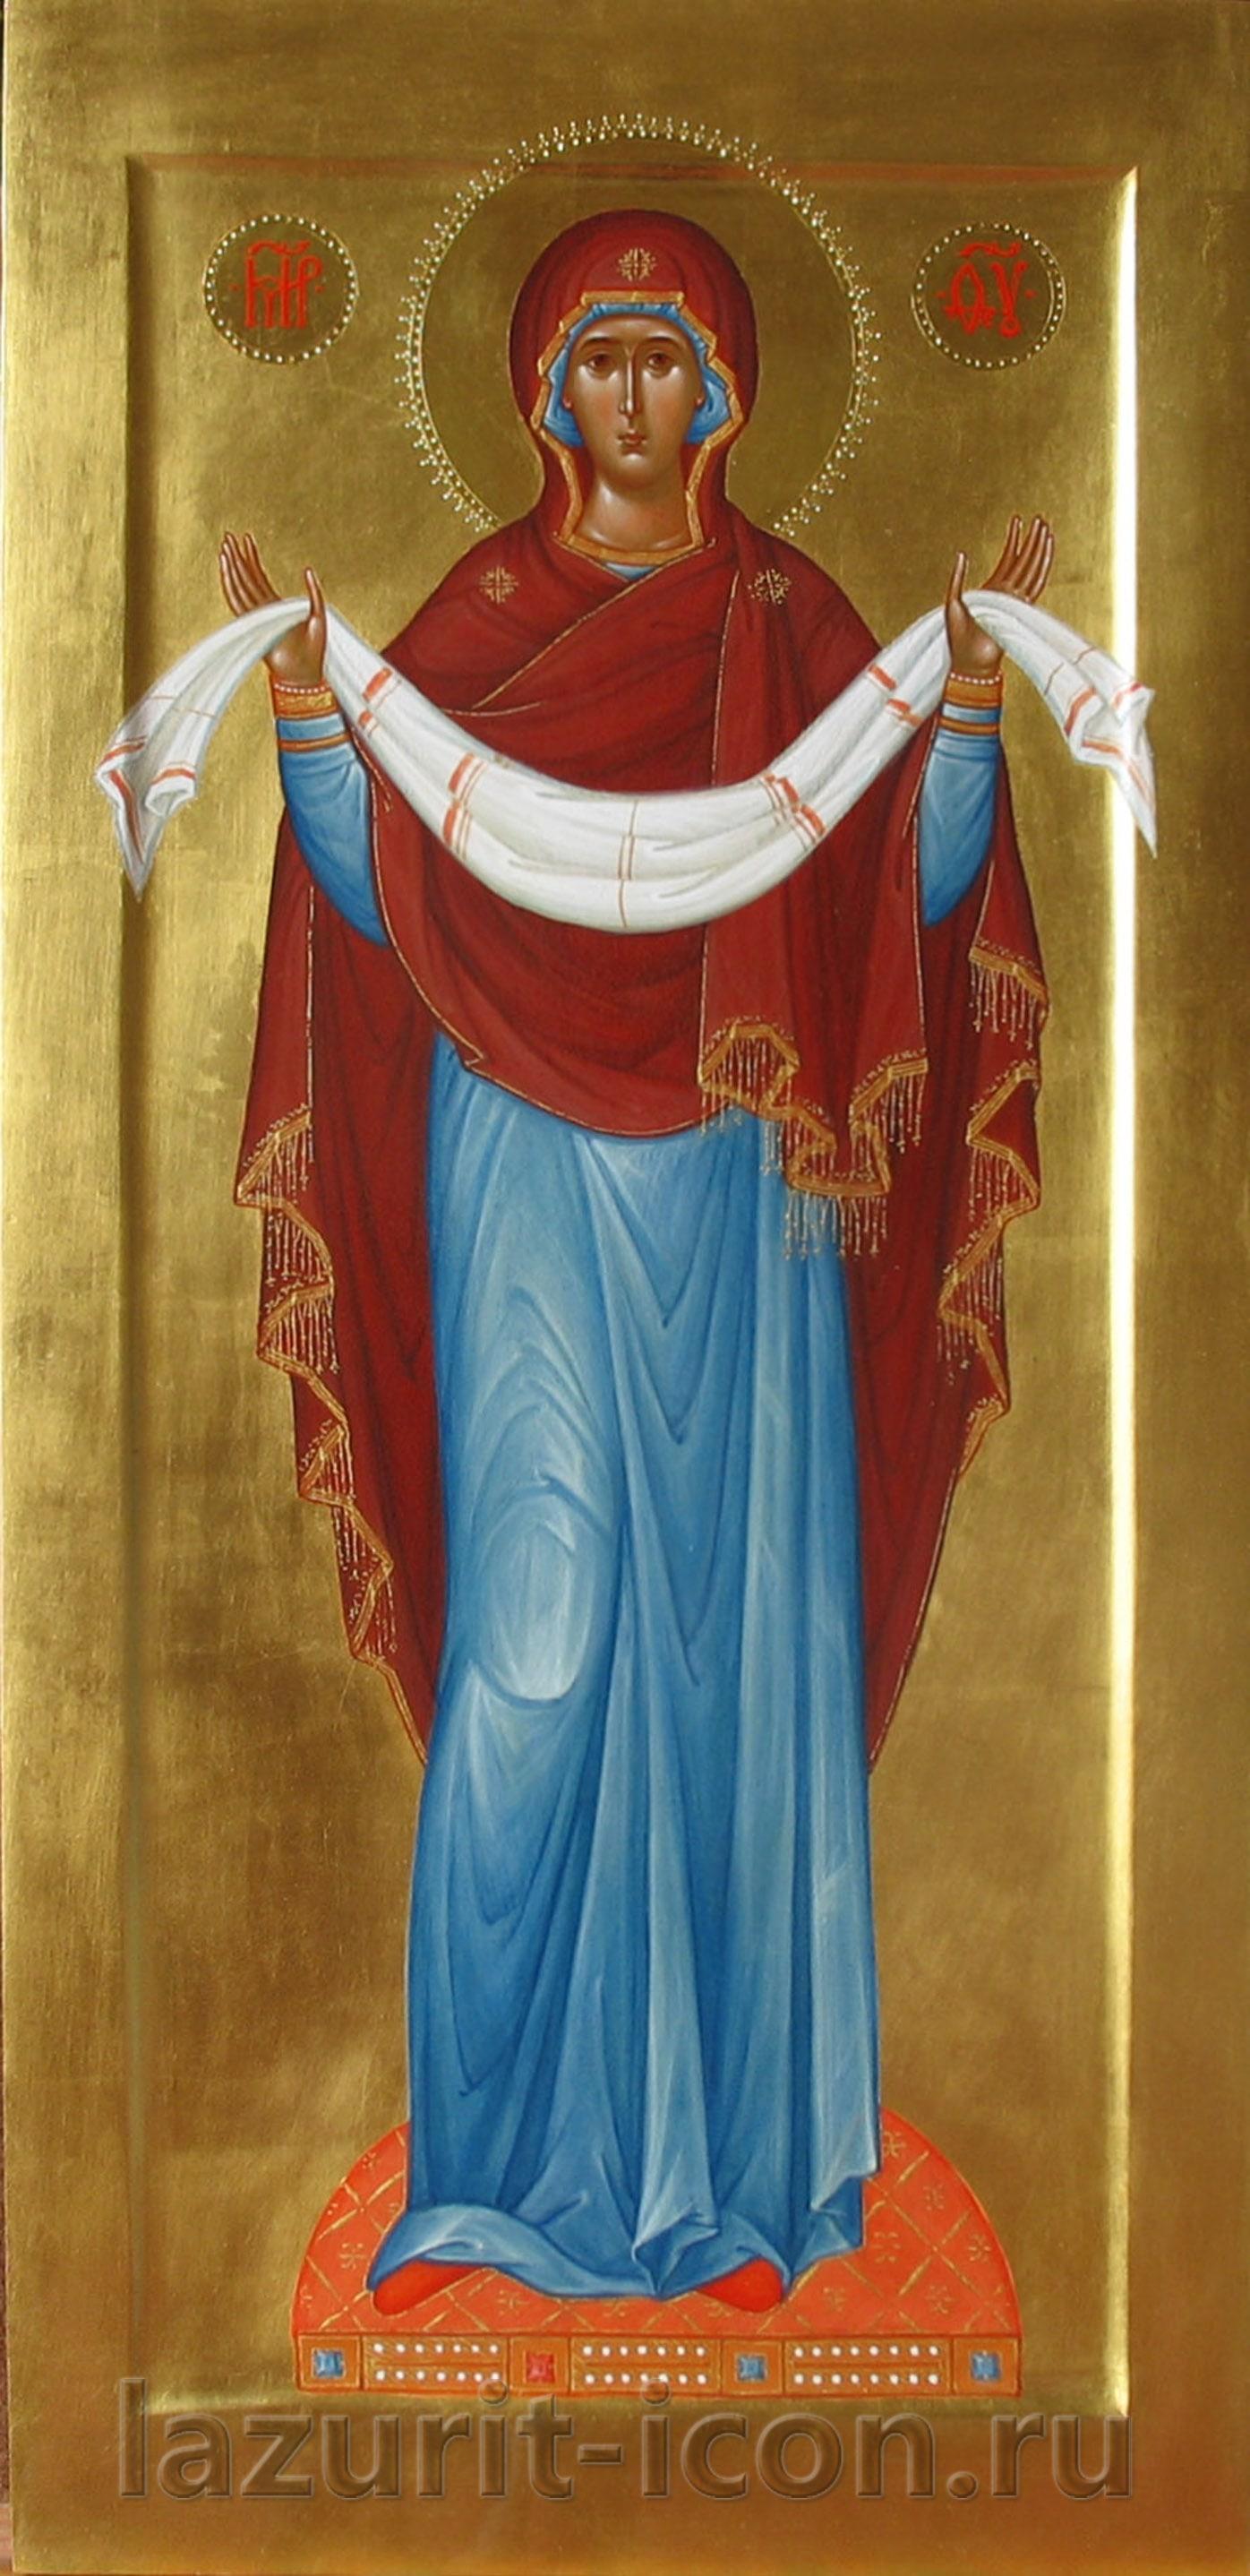 Покров Образ Богородицы